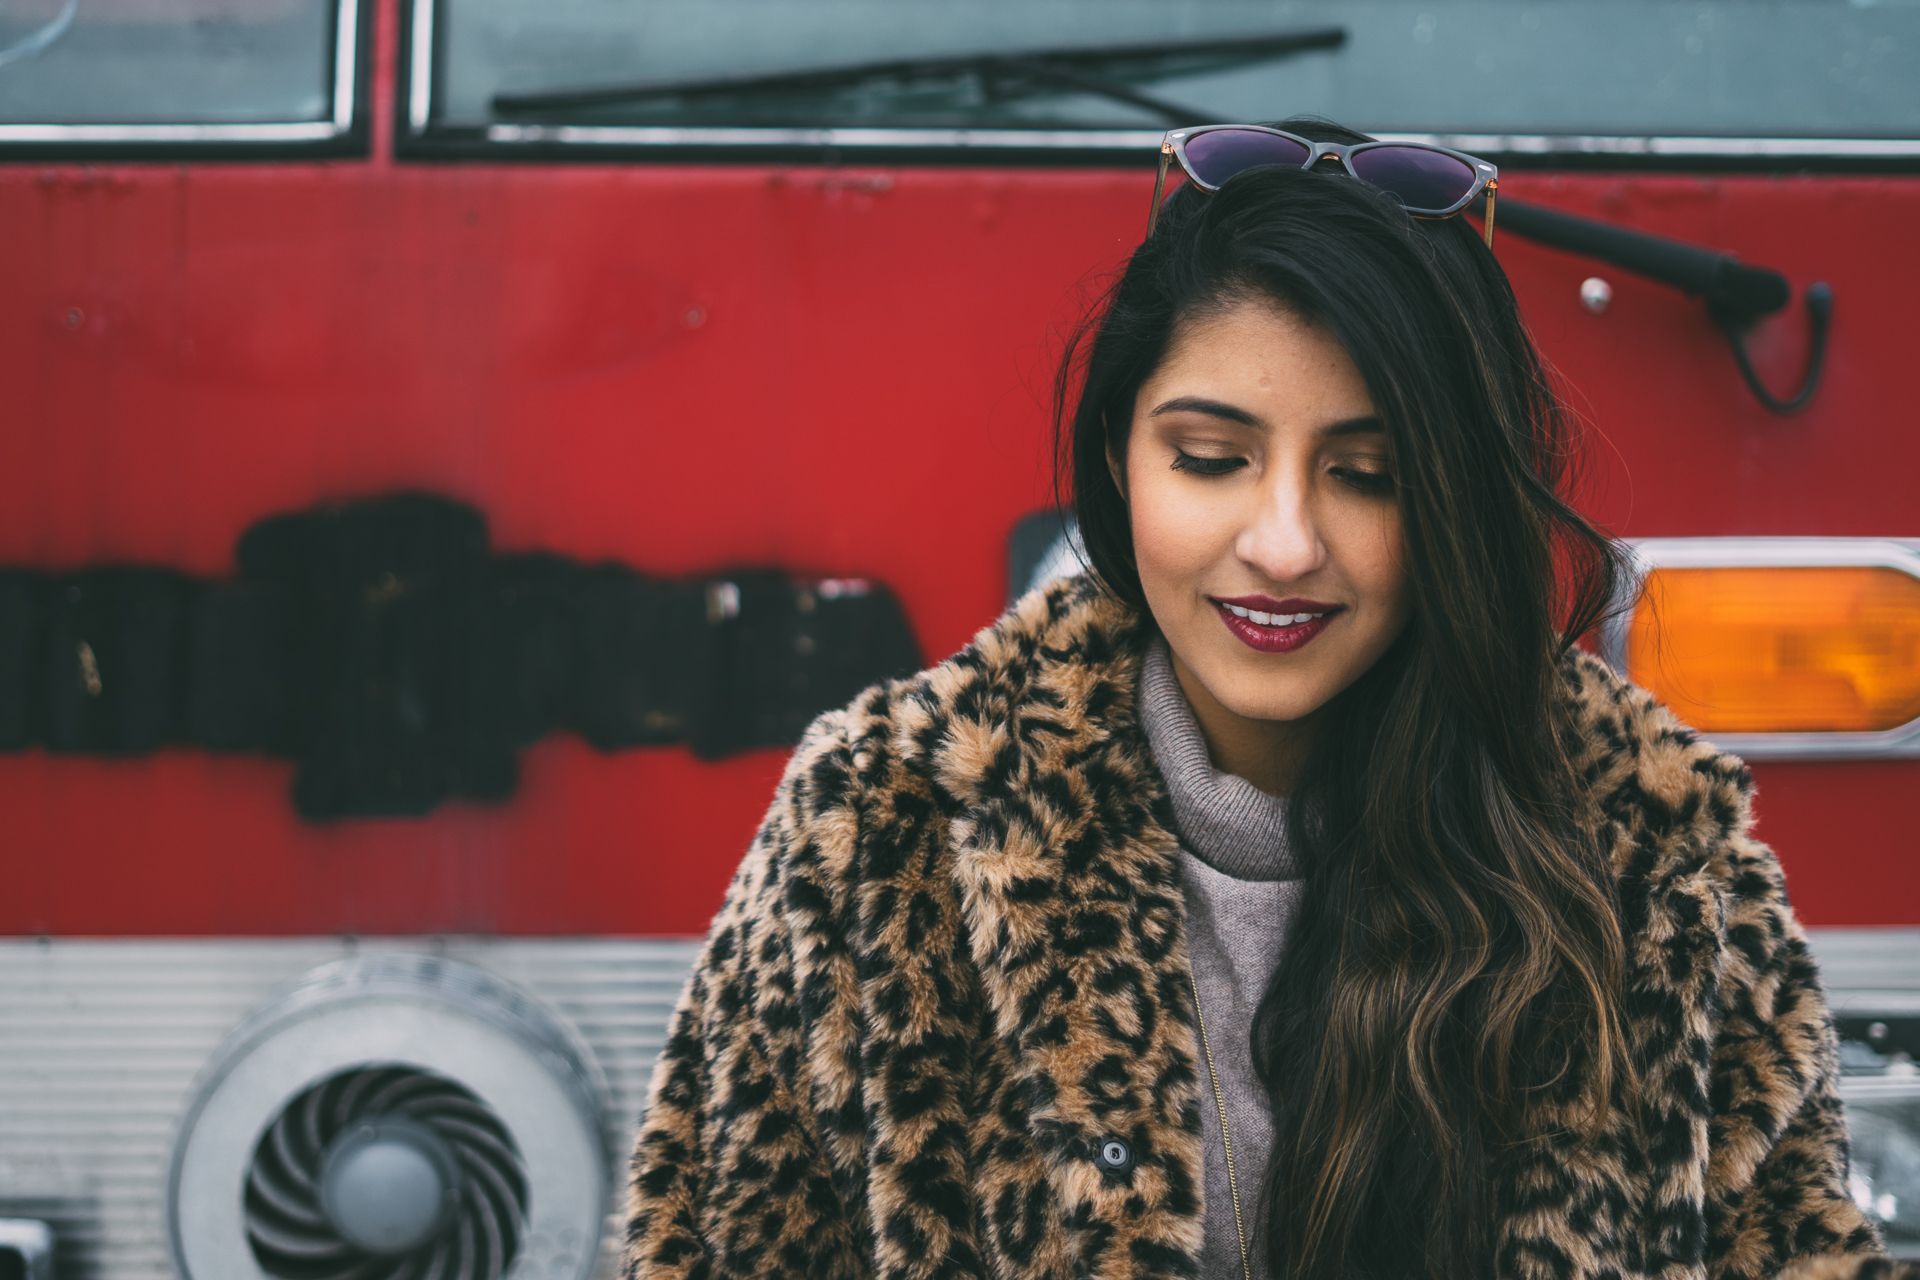 leopard-faux-fur-coat-velvet-boots-winter-style-blogger-outfit 14